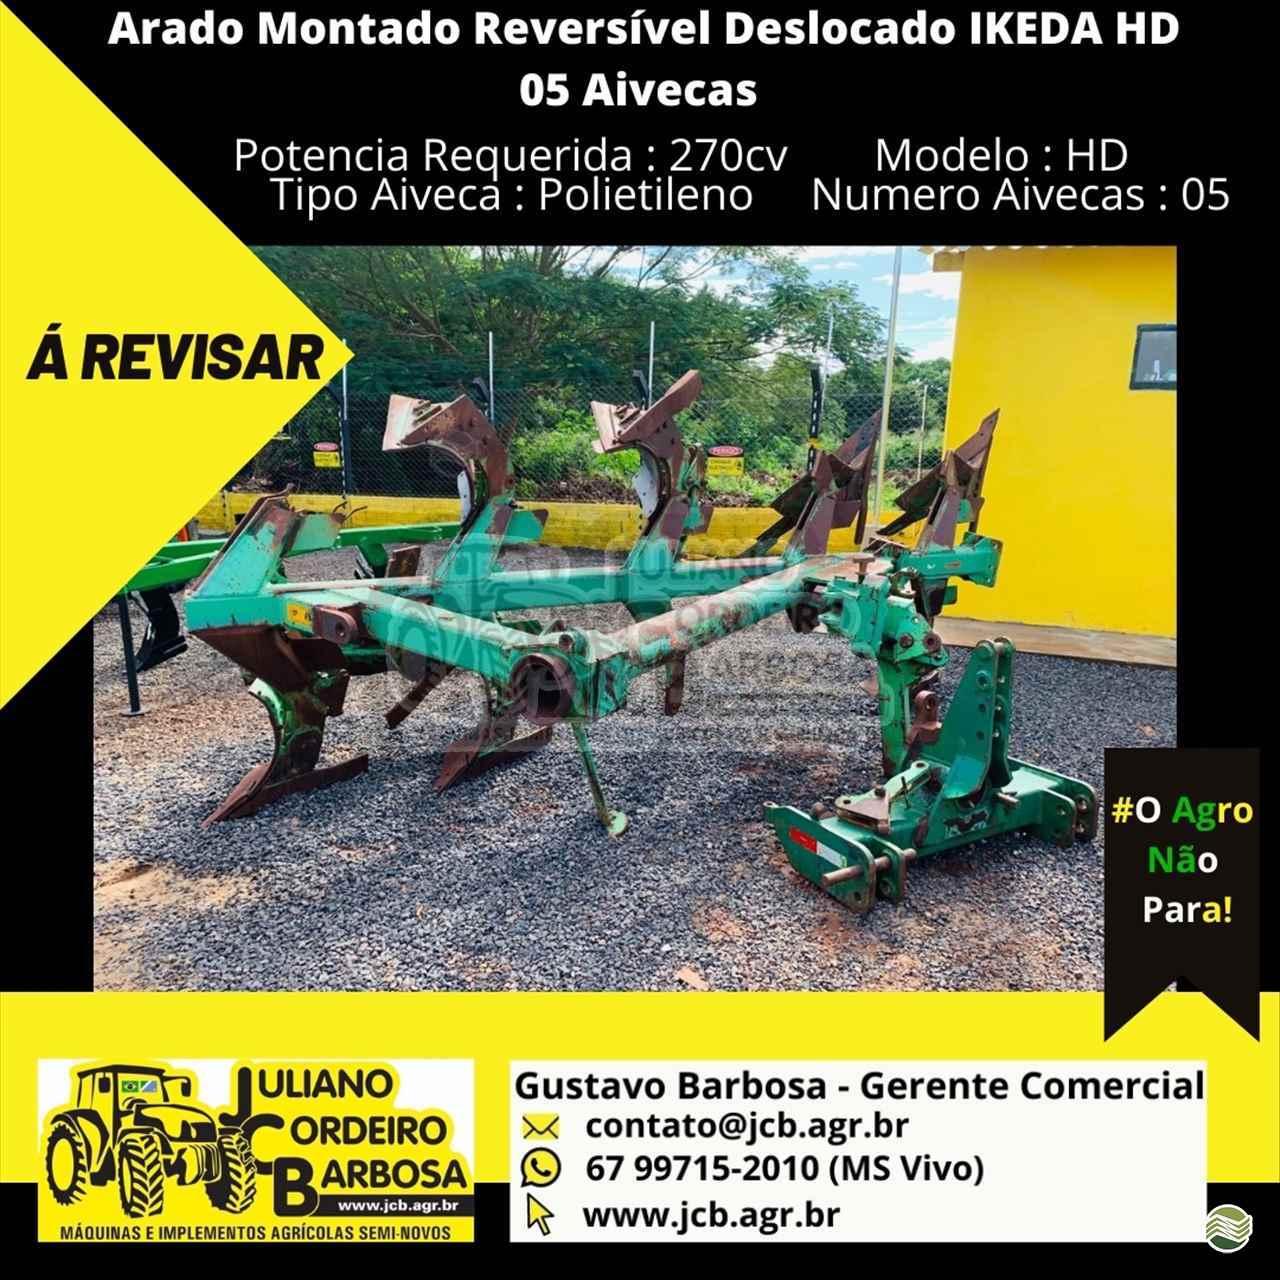 IMPLEMENTOS AGRICOLAS ARADO DE DISCO ARADO DE AIVECA JCB Máquinas e Implementos Agrícolas MARACAJU MATO GROSSO DO SUL MS